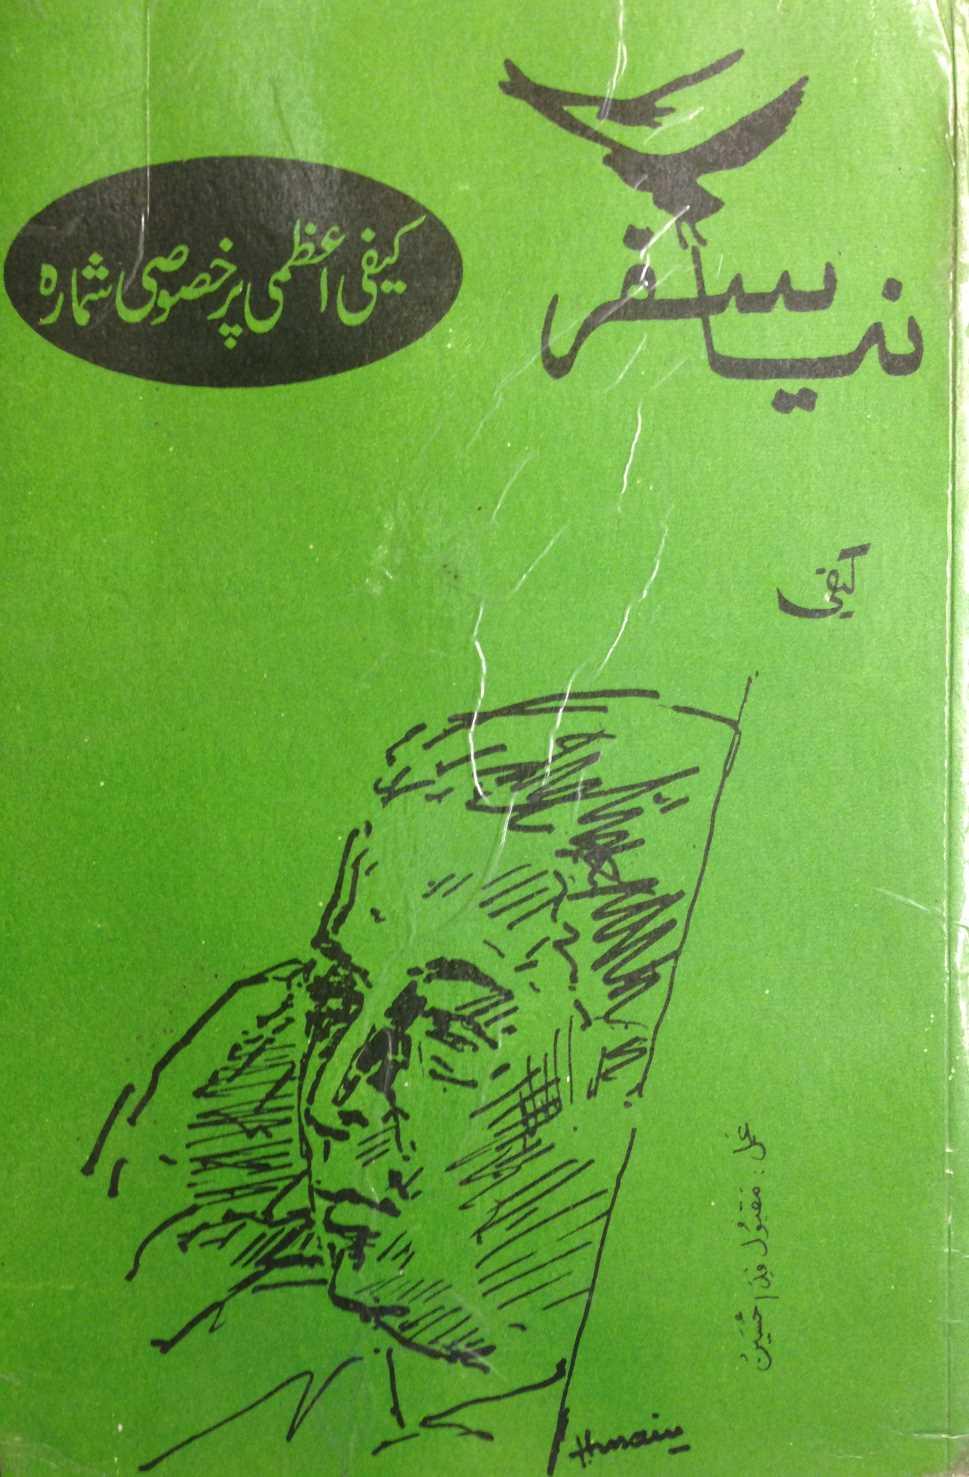 Kaifi Azmi par Khusoosi Shumara-Naya-Safar-Series-21 - Allahabad